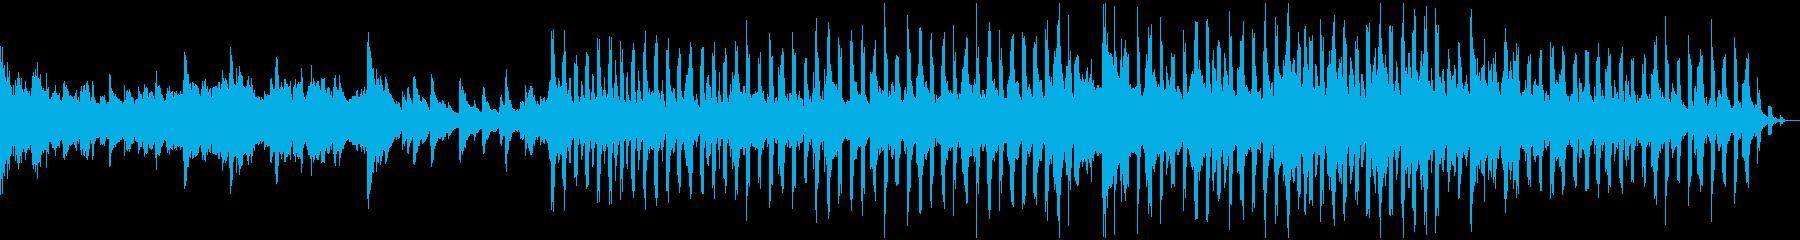 各種映像に感動的なピアノで壮大なポップスの再生済みの波形